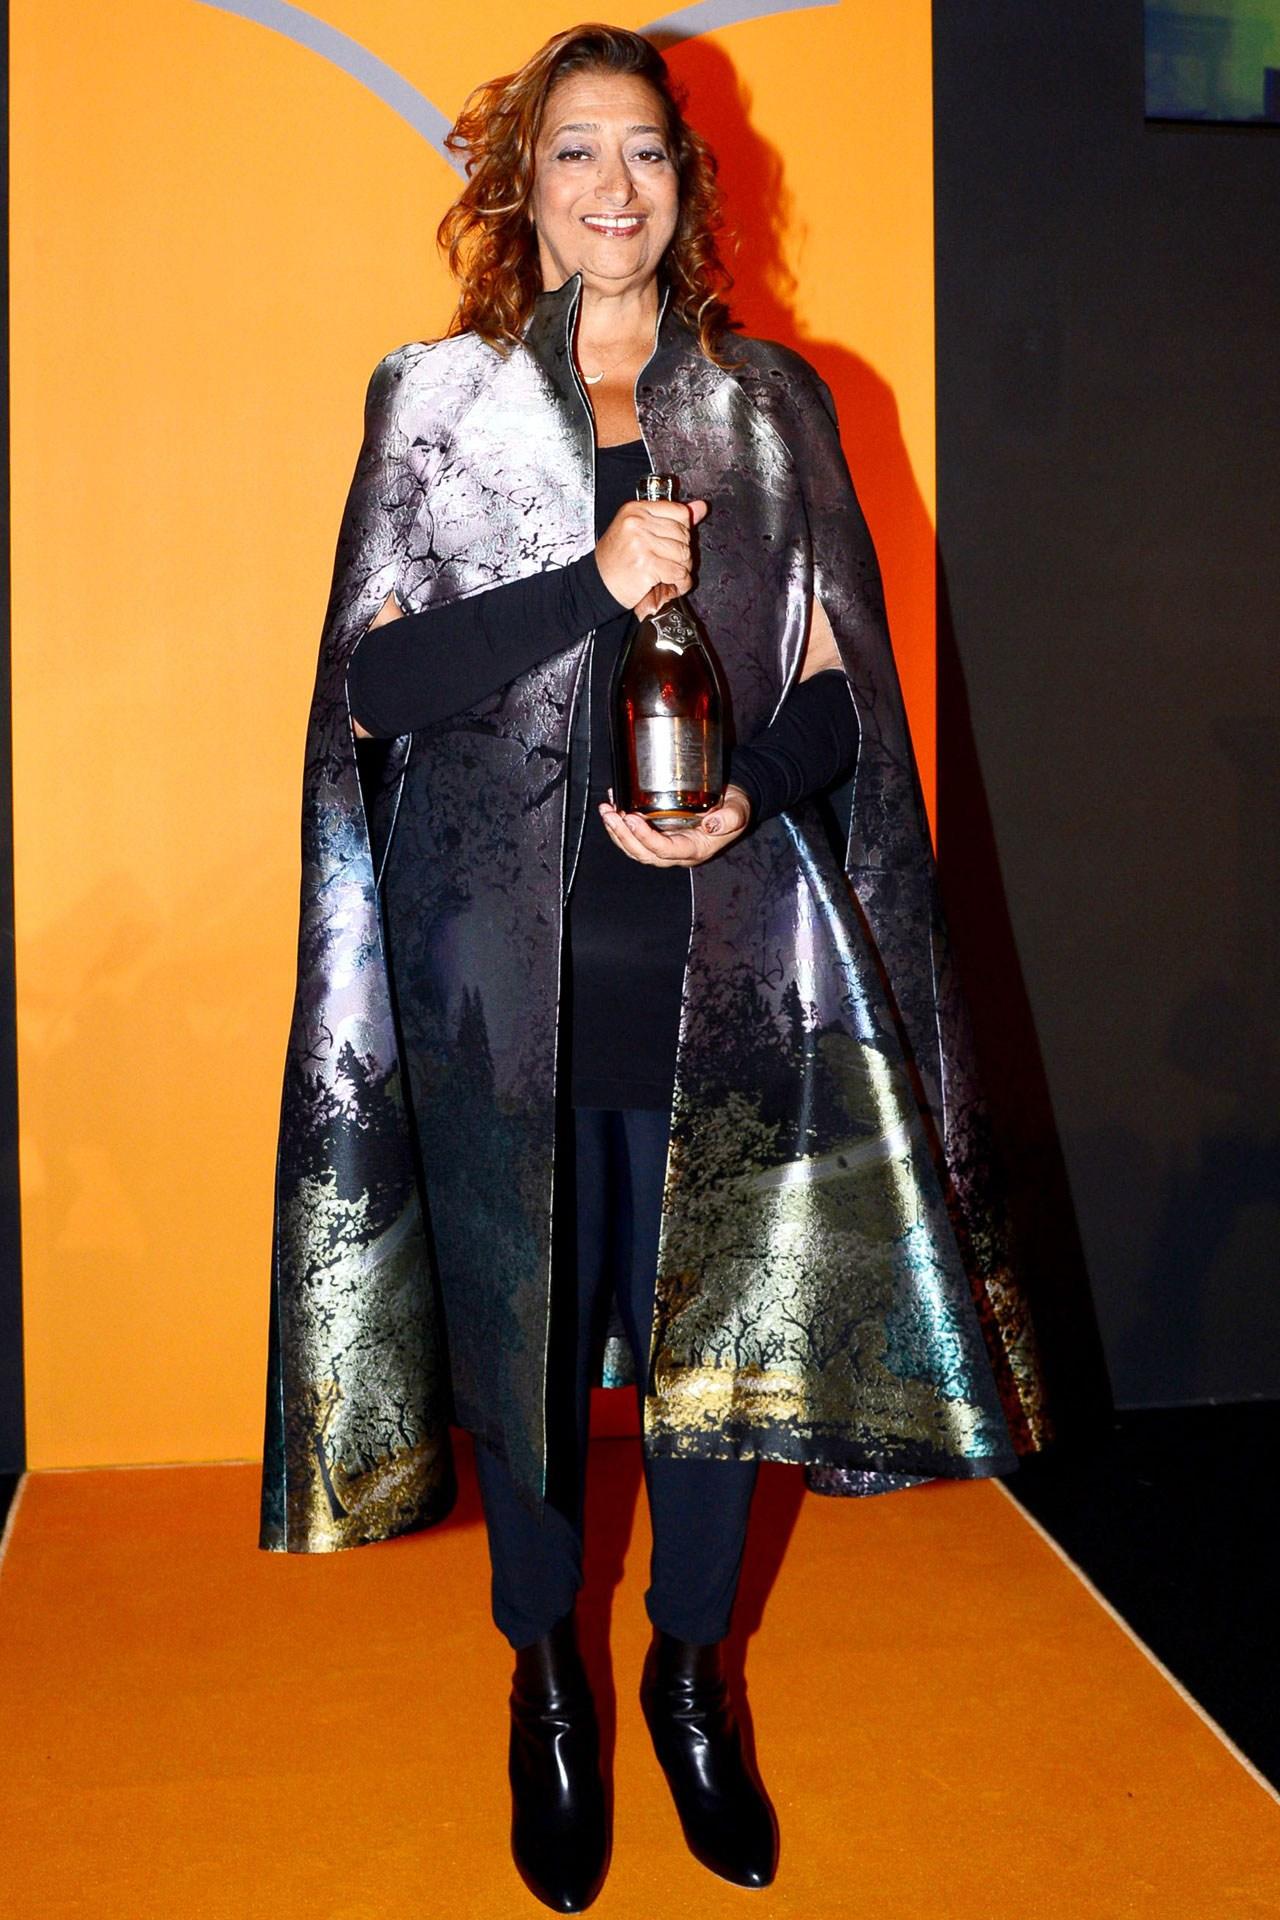 Zaha Hadid The Winner Of The 2013 Veuve Clicquot